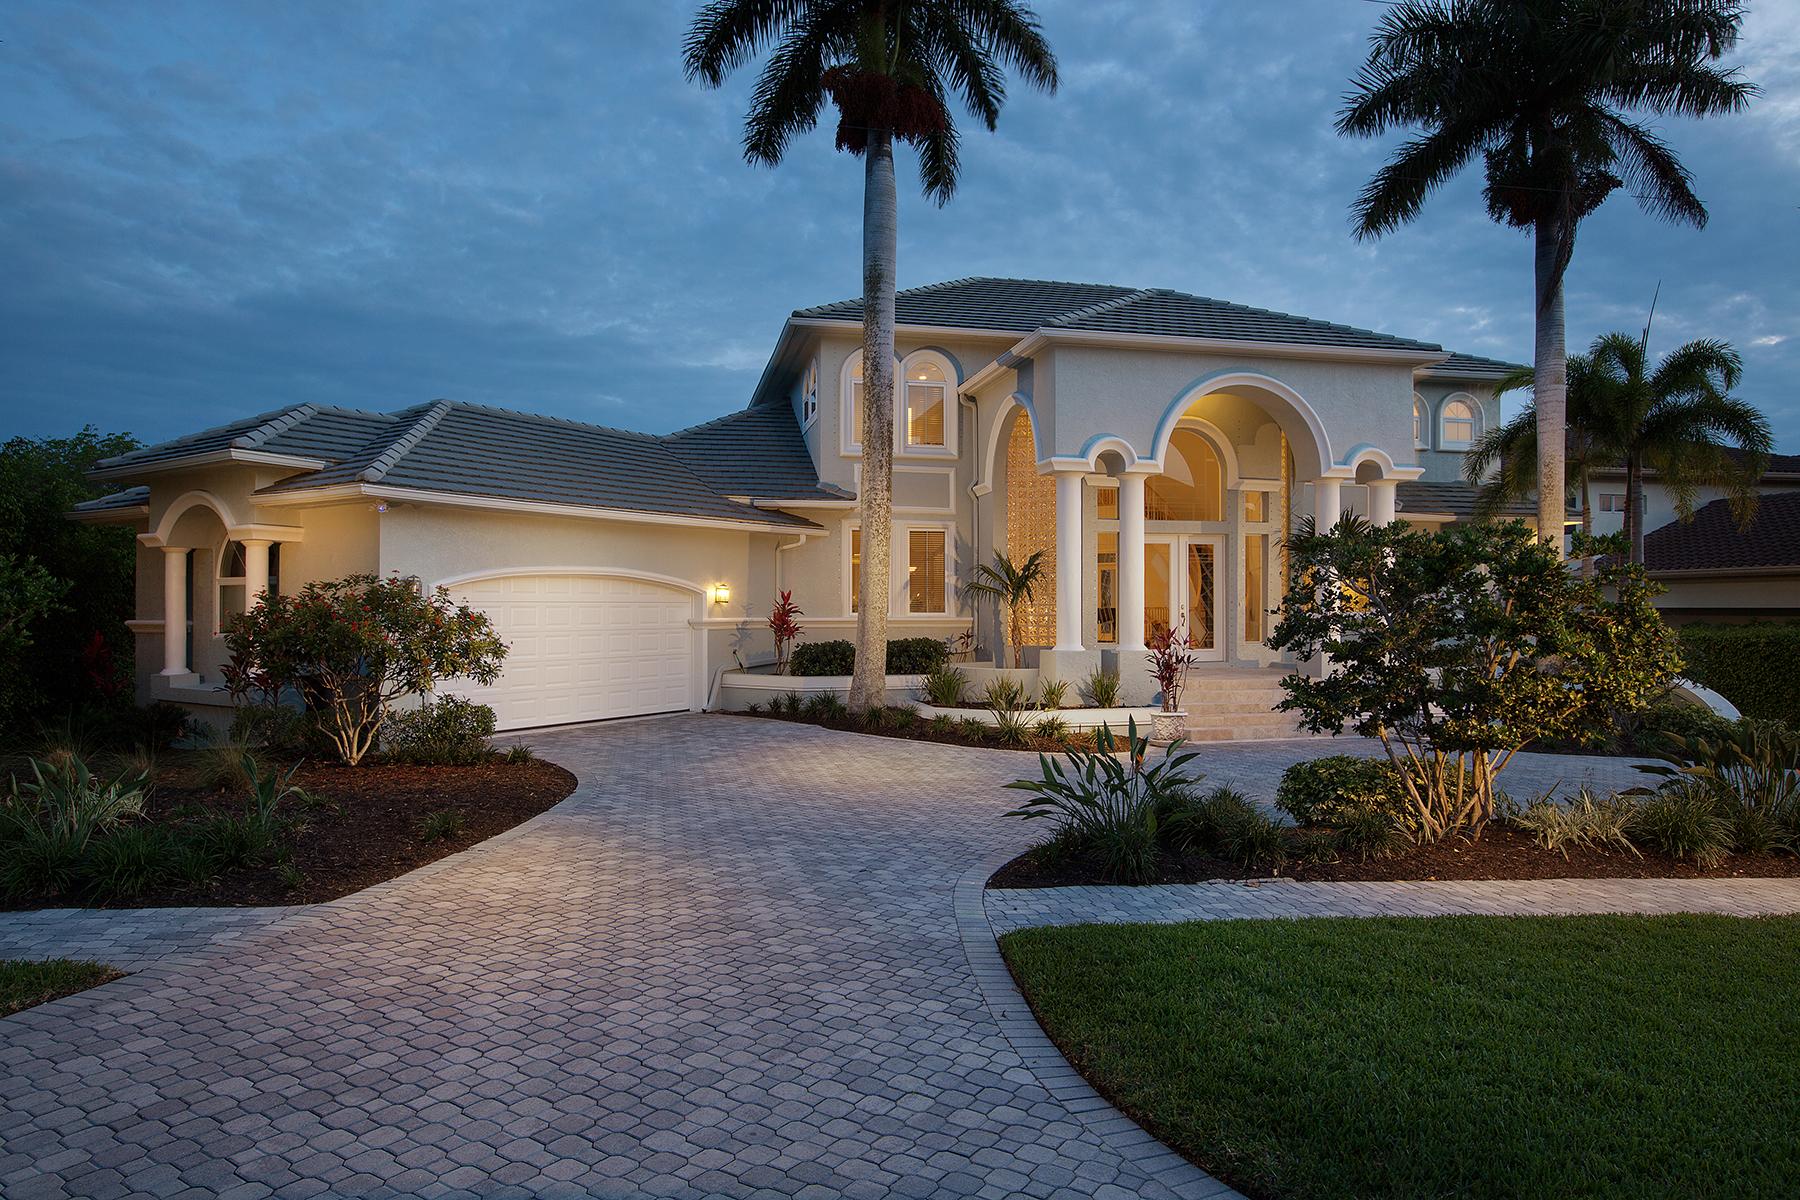 一戸建て のために 売買 アット MARCO ISLAND 1635 Ludlow Rd Marco Island, フロリダ, 34145 アメリカ合衆国